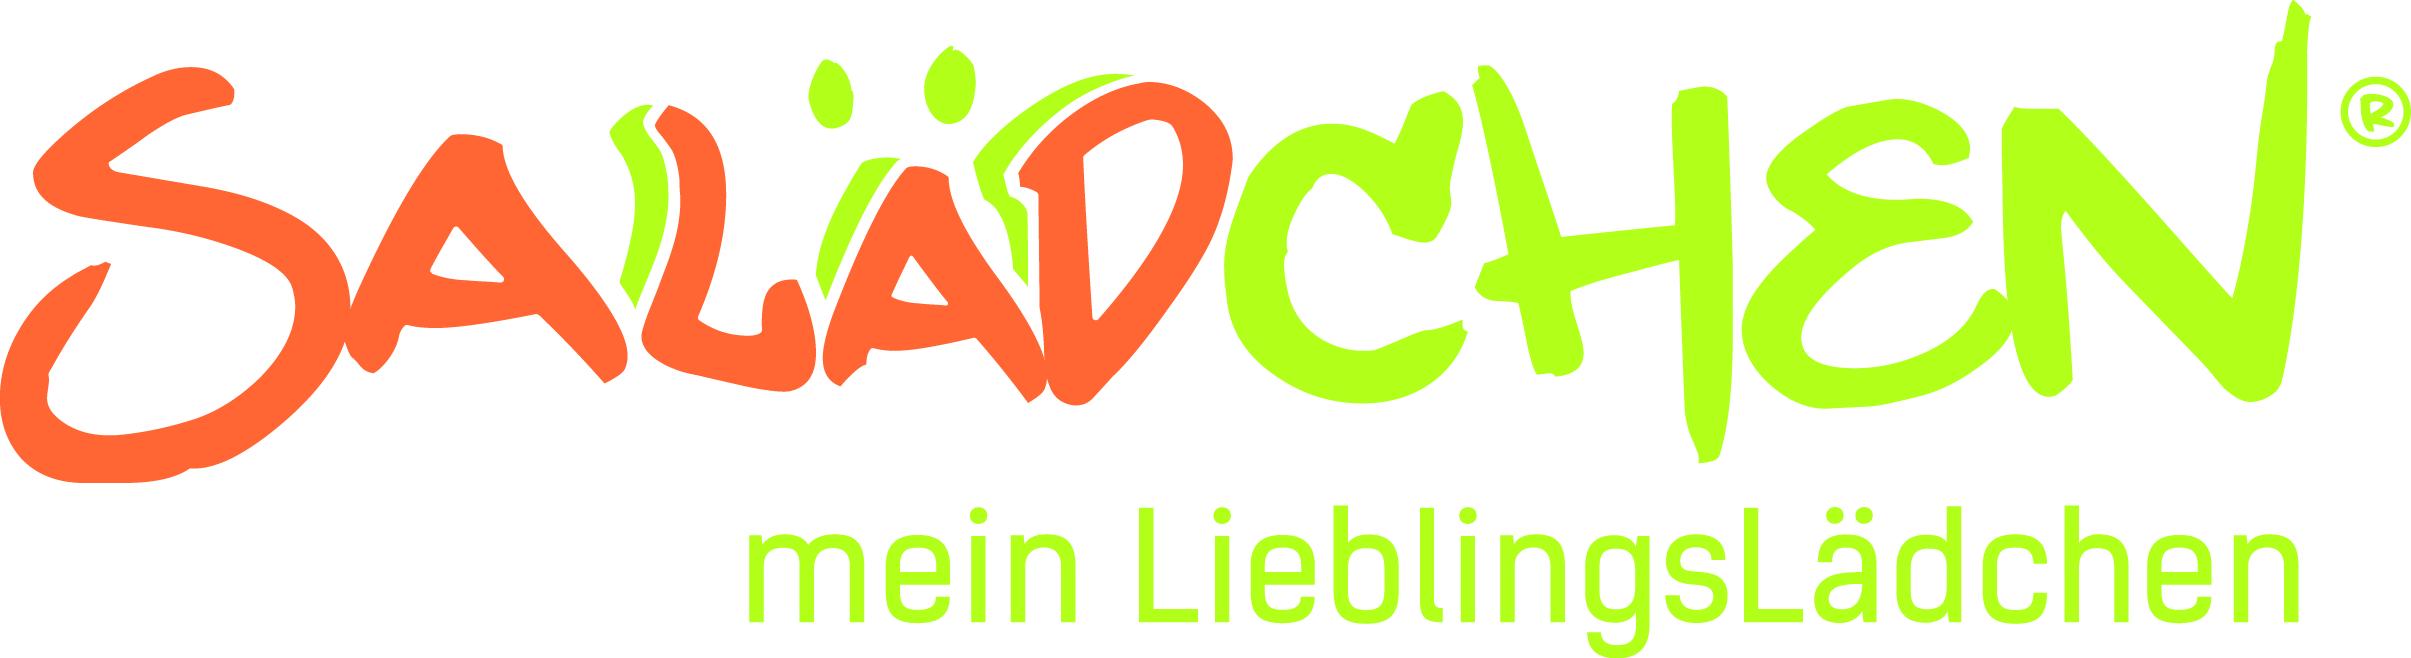 Salaedchen_Logo_CMYK_300dpi.jpg